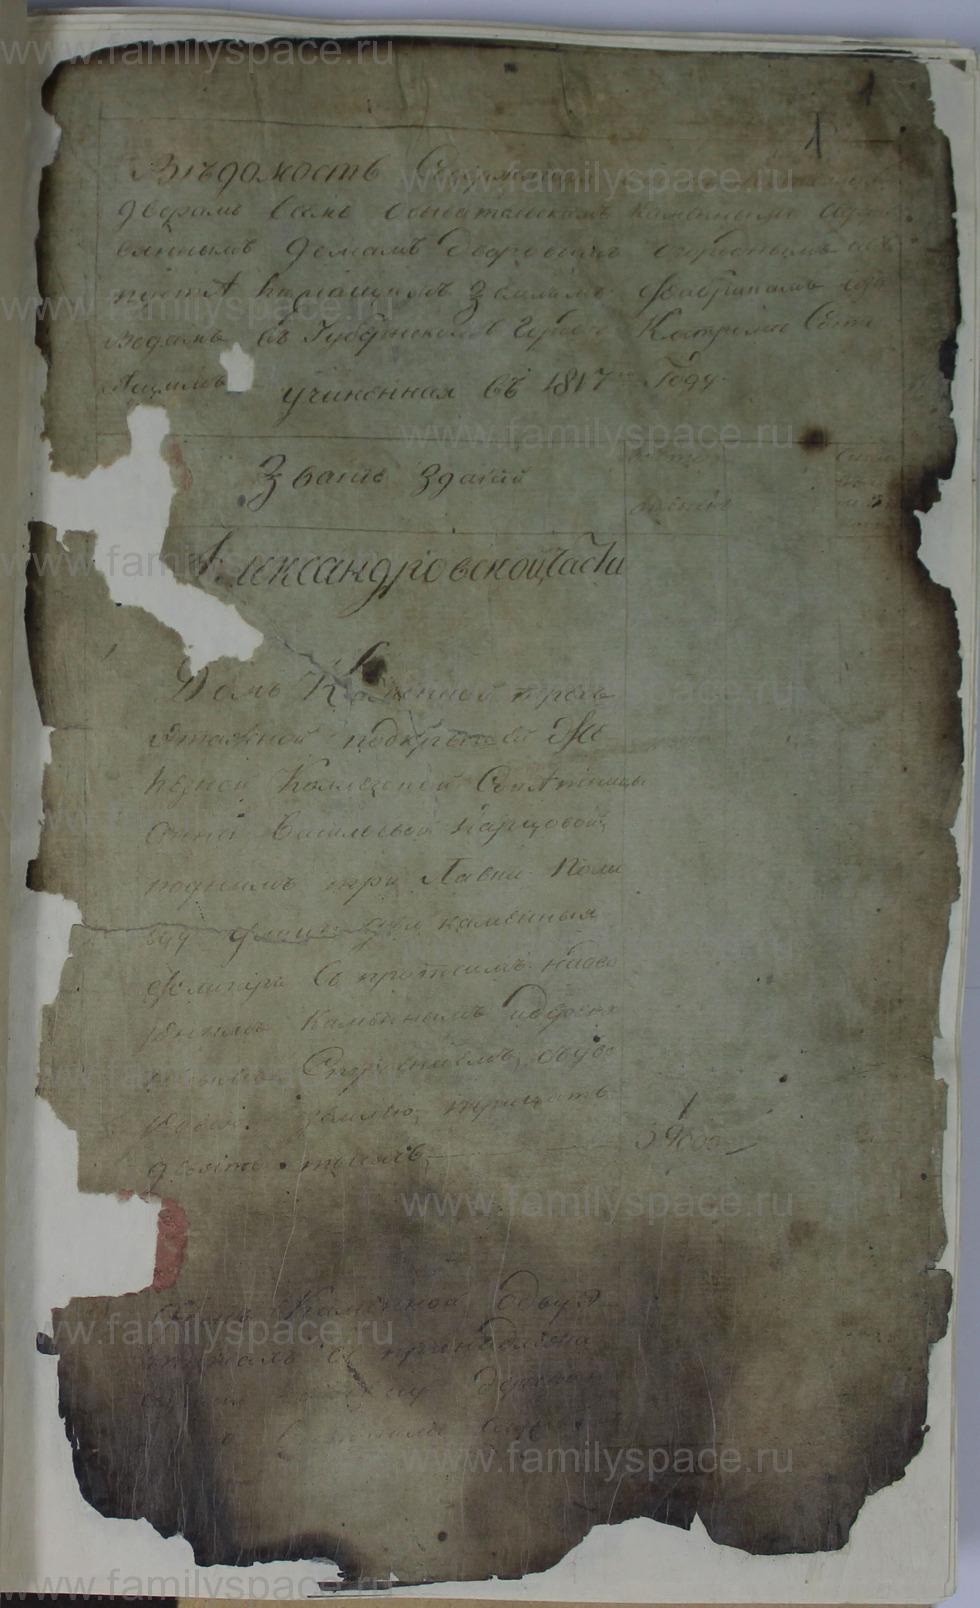 Поиск по фамилии - Ведомости оценки недвижимых имуществ г. Кострома 1817г, страница 1